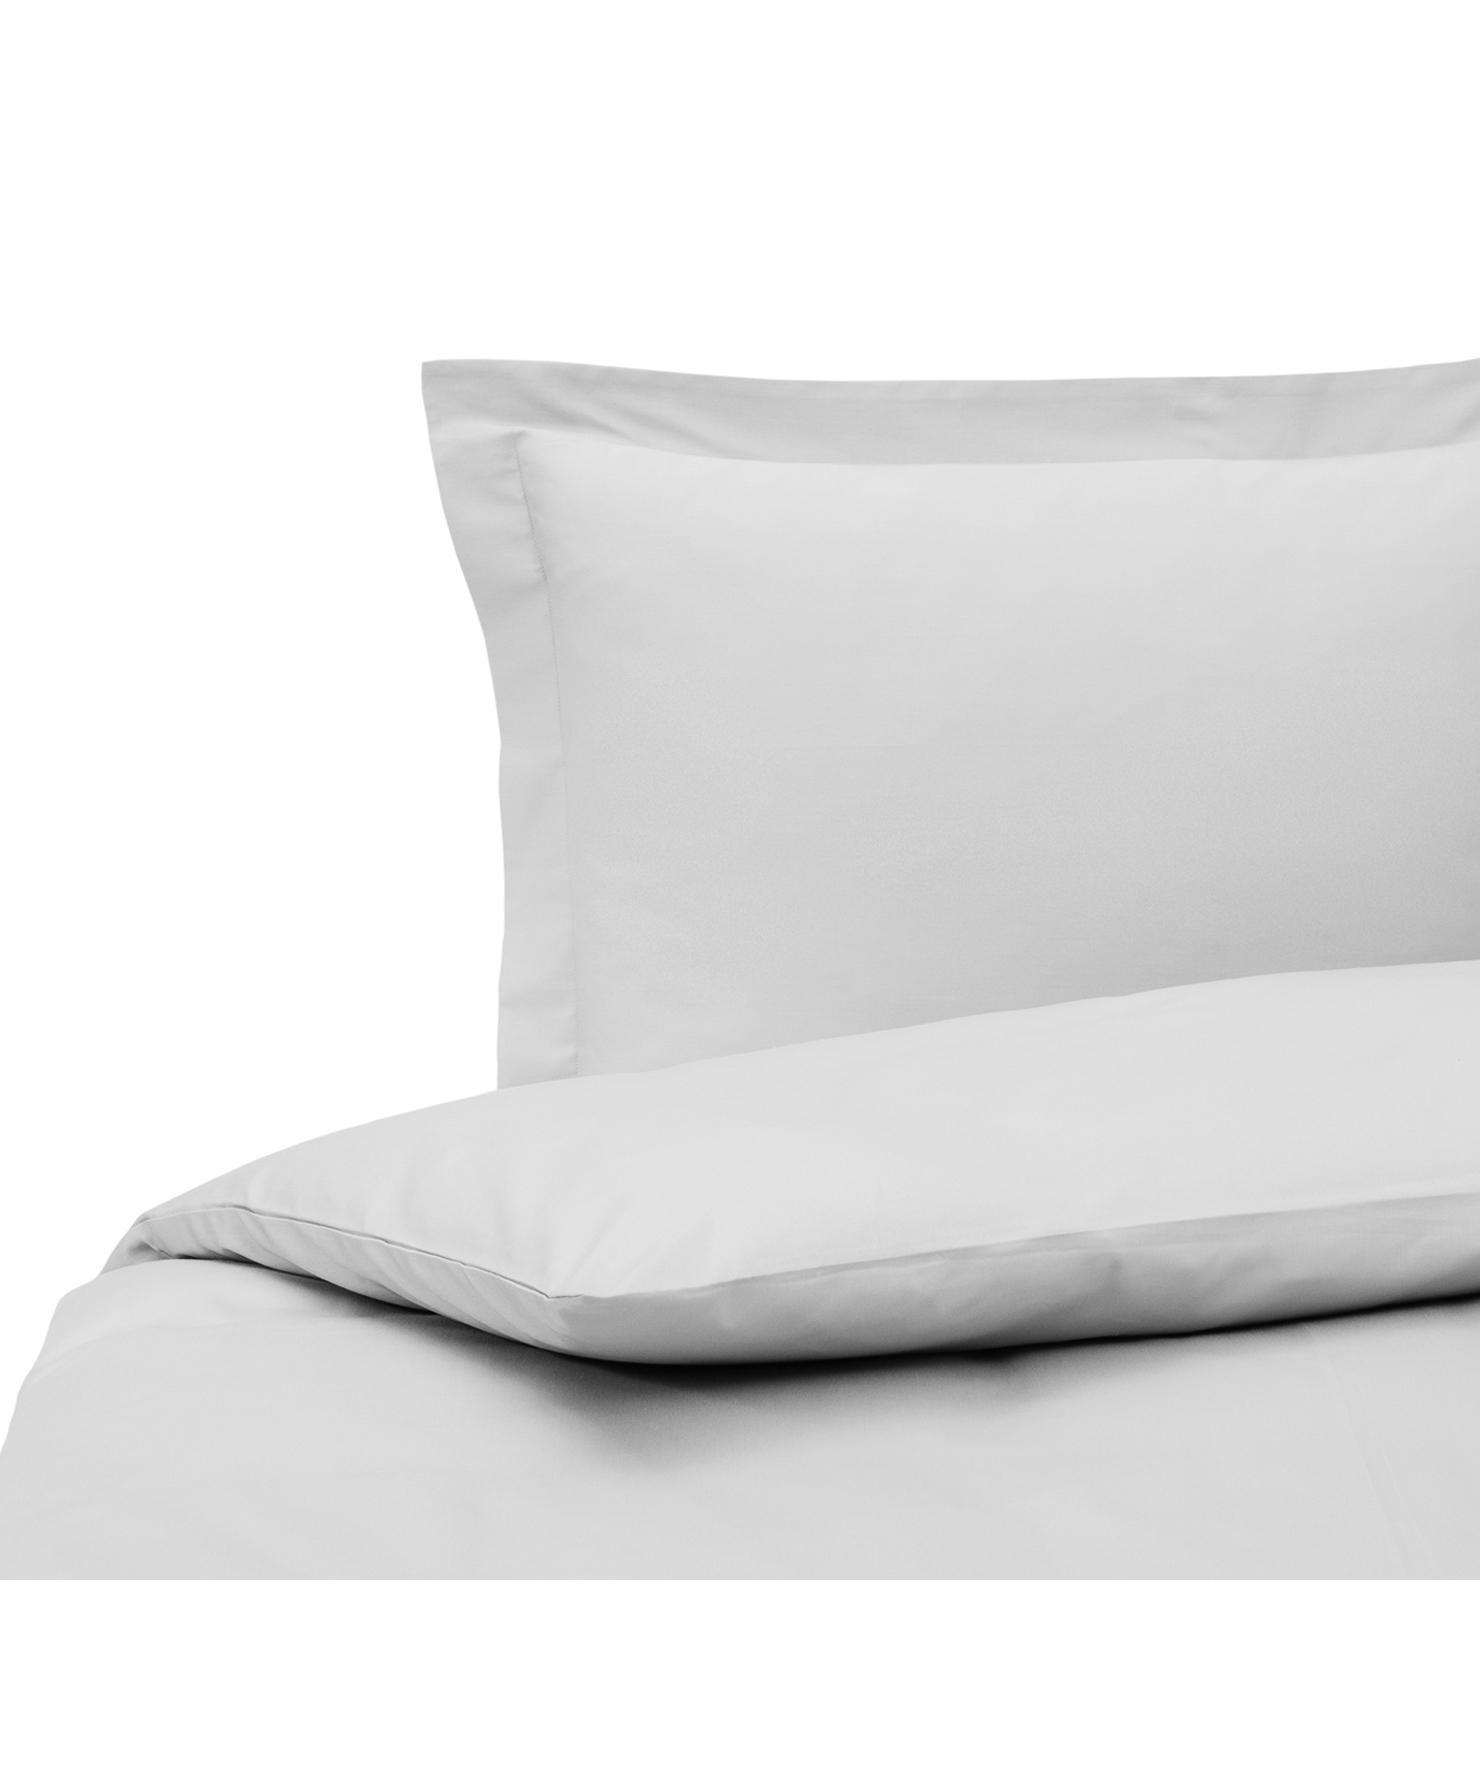 Parure copripiumino in raso di cotone grigio Premium, Tessuto: raso, leggermente lucido, Grigio chiaro, 155 x 200 cm